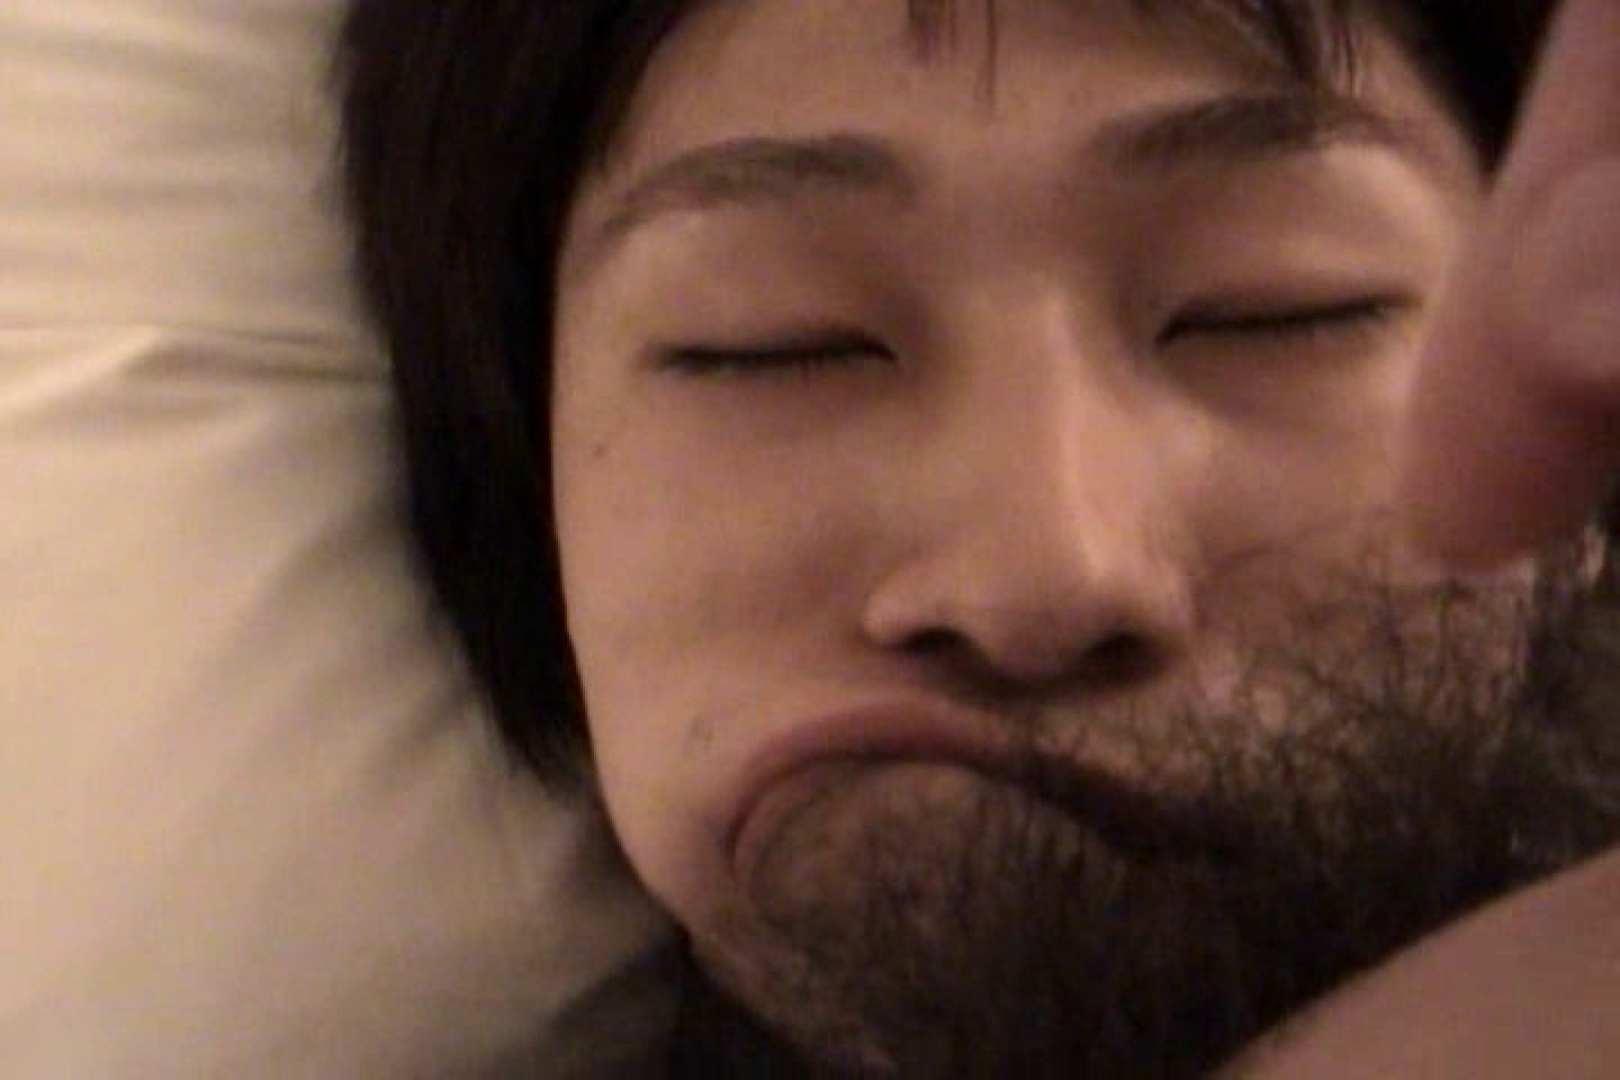 三ツ星シリーズ 魅惑のMemorial Night!! vol.02 モザイク無し エロビデオ紹介 70pic 36